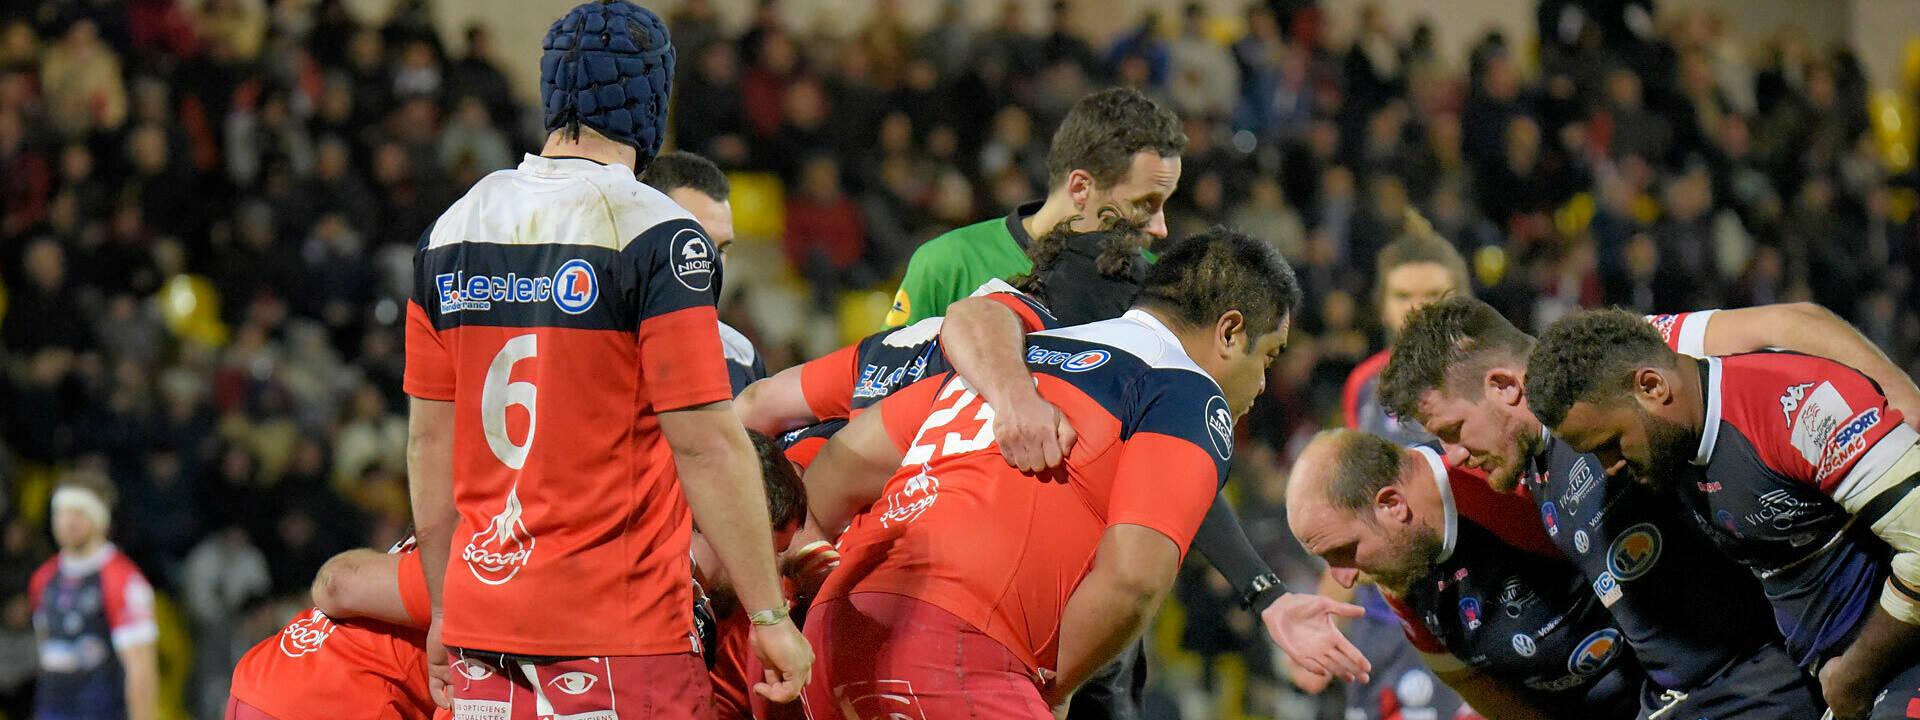 Le Niort Rugby Club de retour à Deflandre !